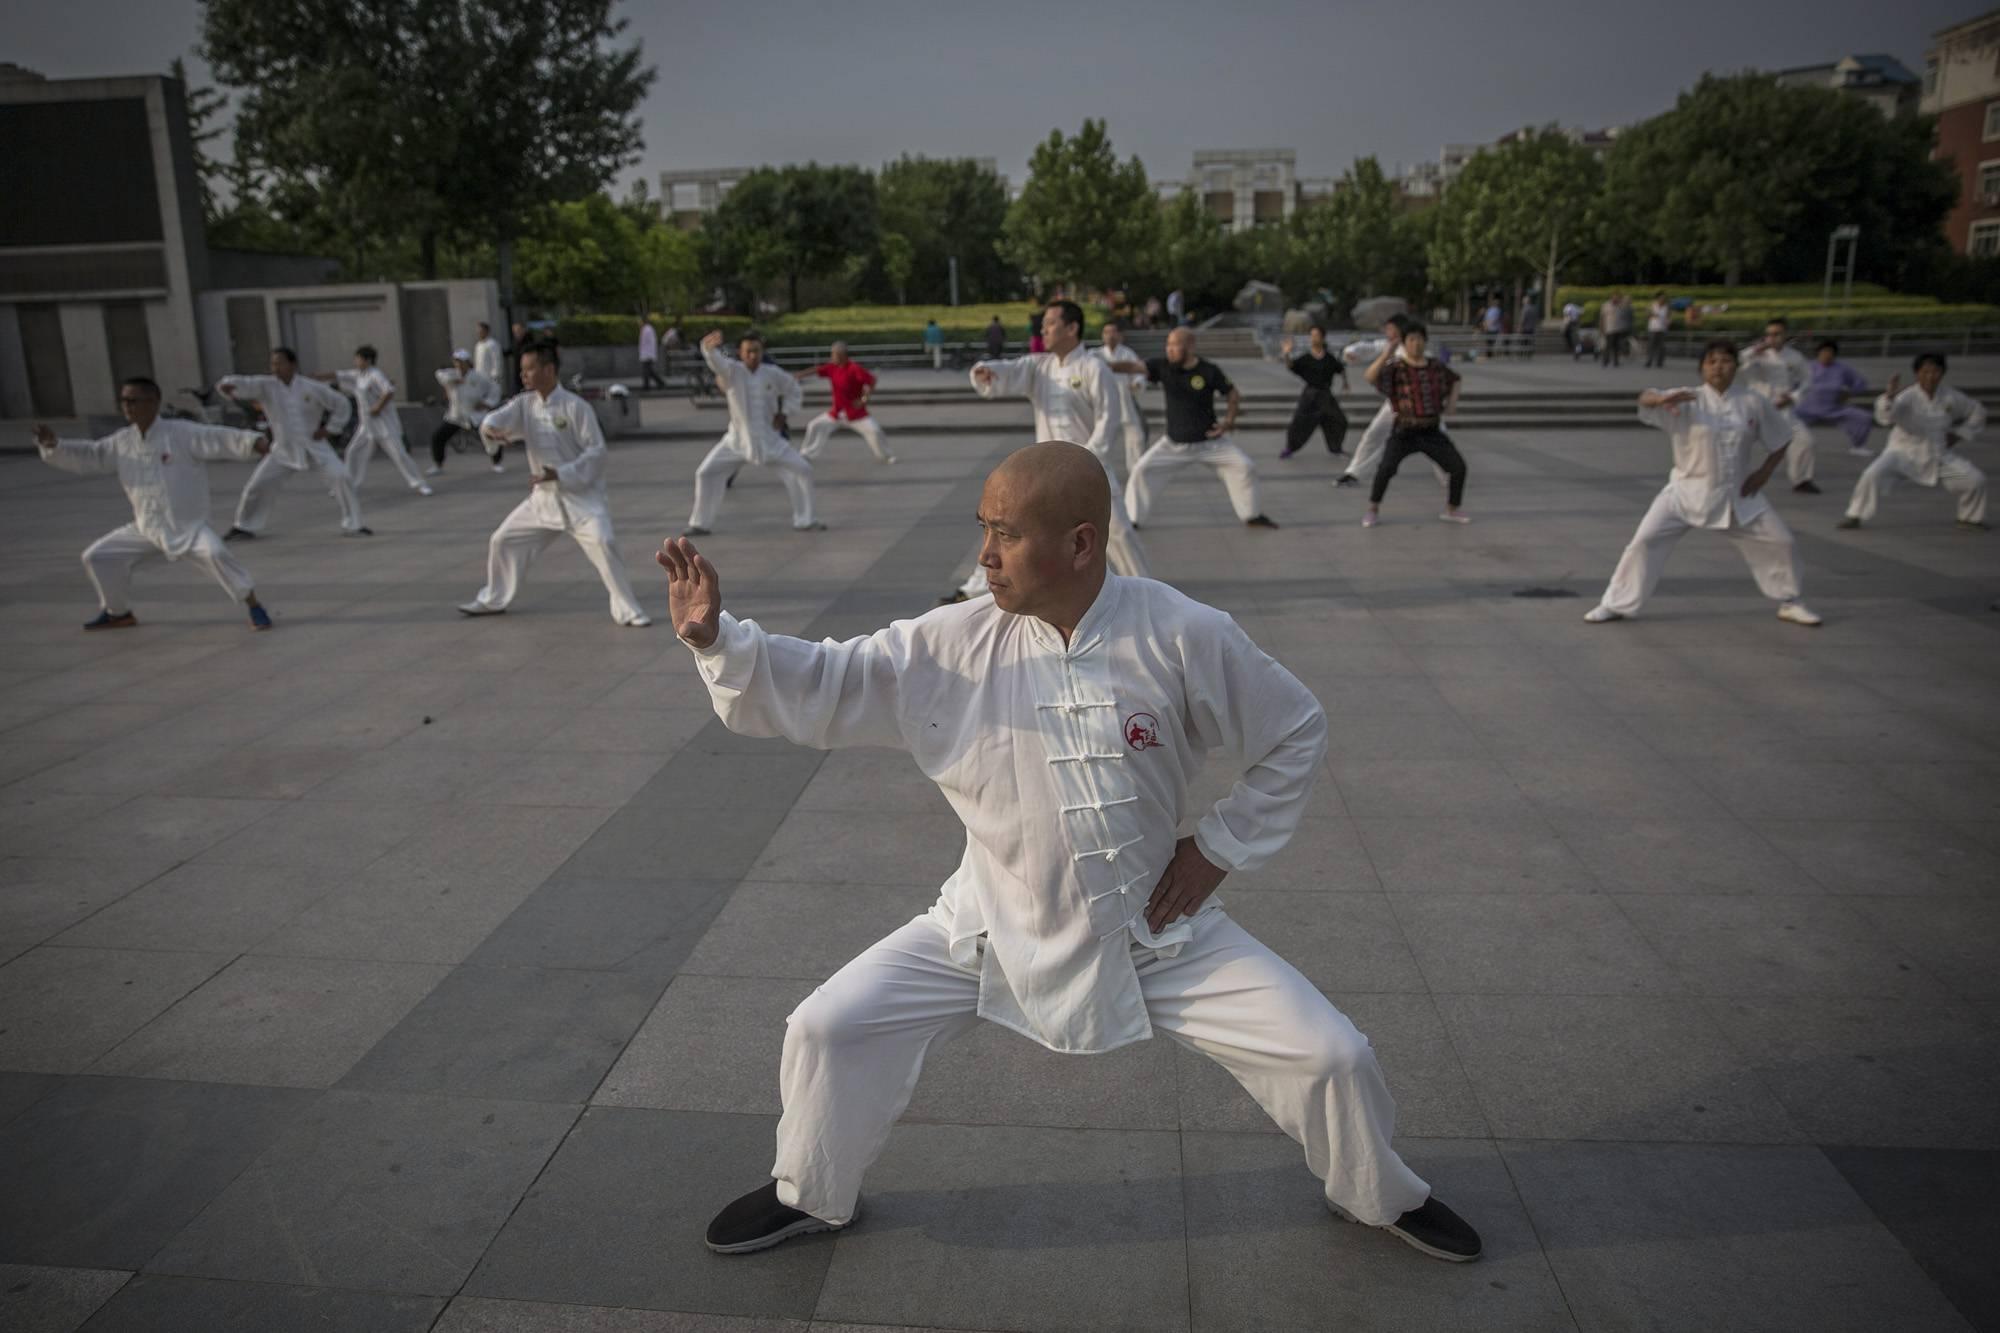 Kuan megye, 2017. szeptember 8.Formagyakorlatot végeznek egy kungfuiskola diákjai a Hopej tartománybeli Kuan megyében, Pekingtől északra 2017. június 10-én. (MTI/EPA/Roman Pilipej)